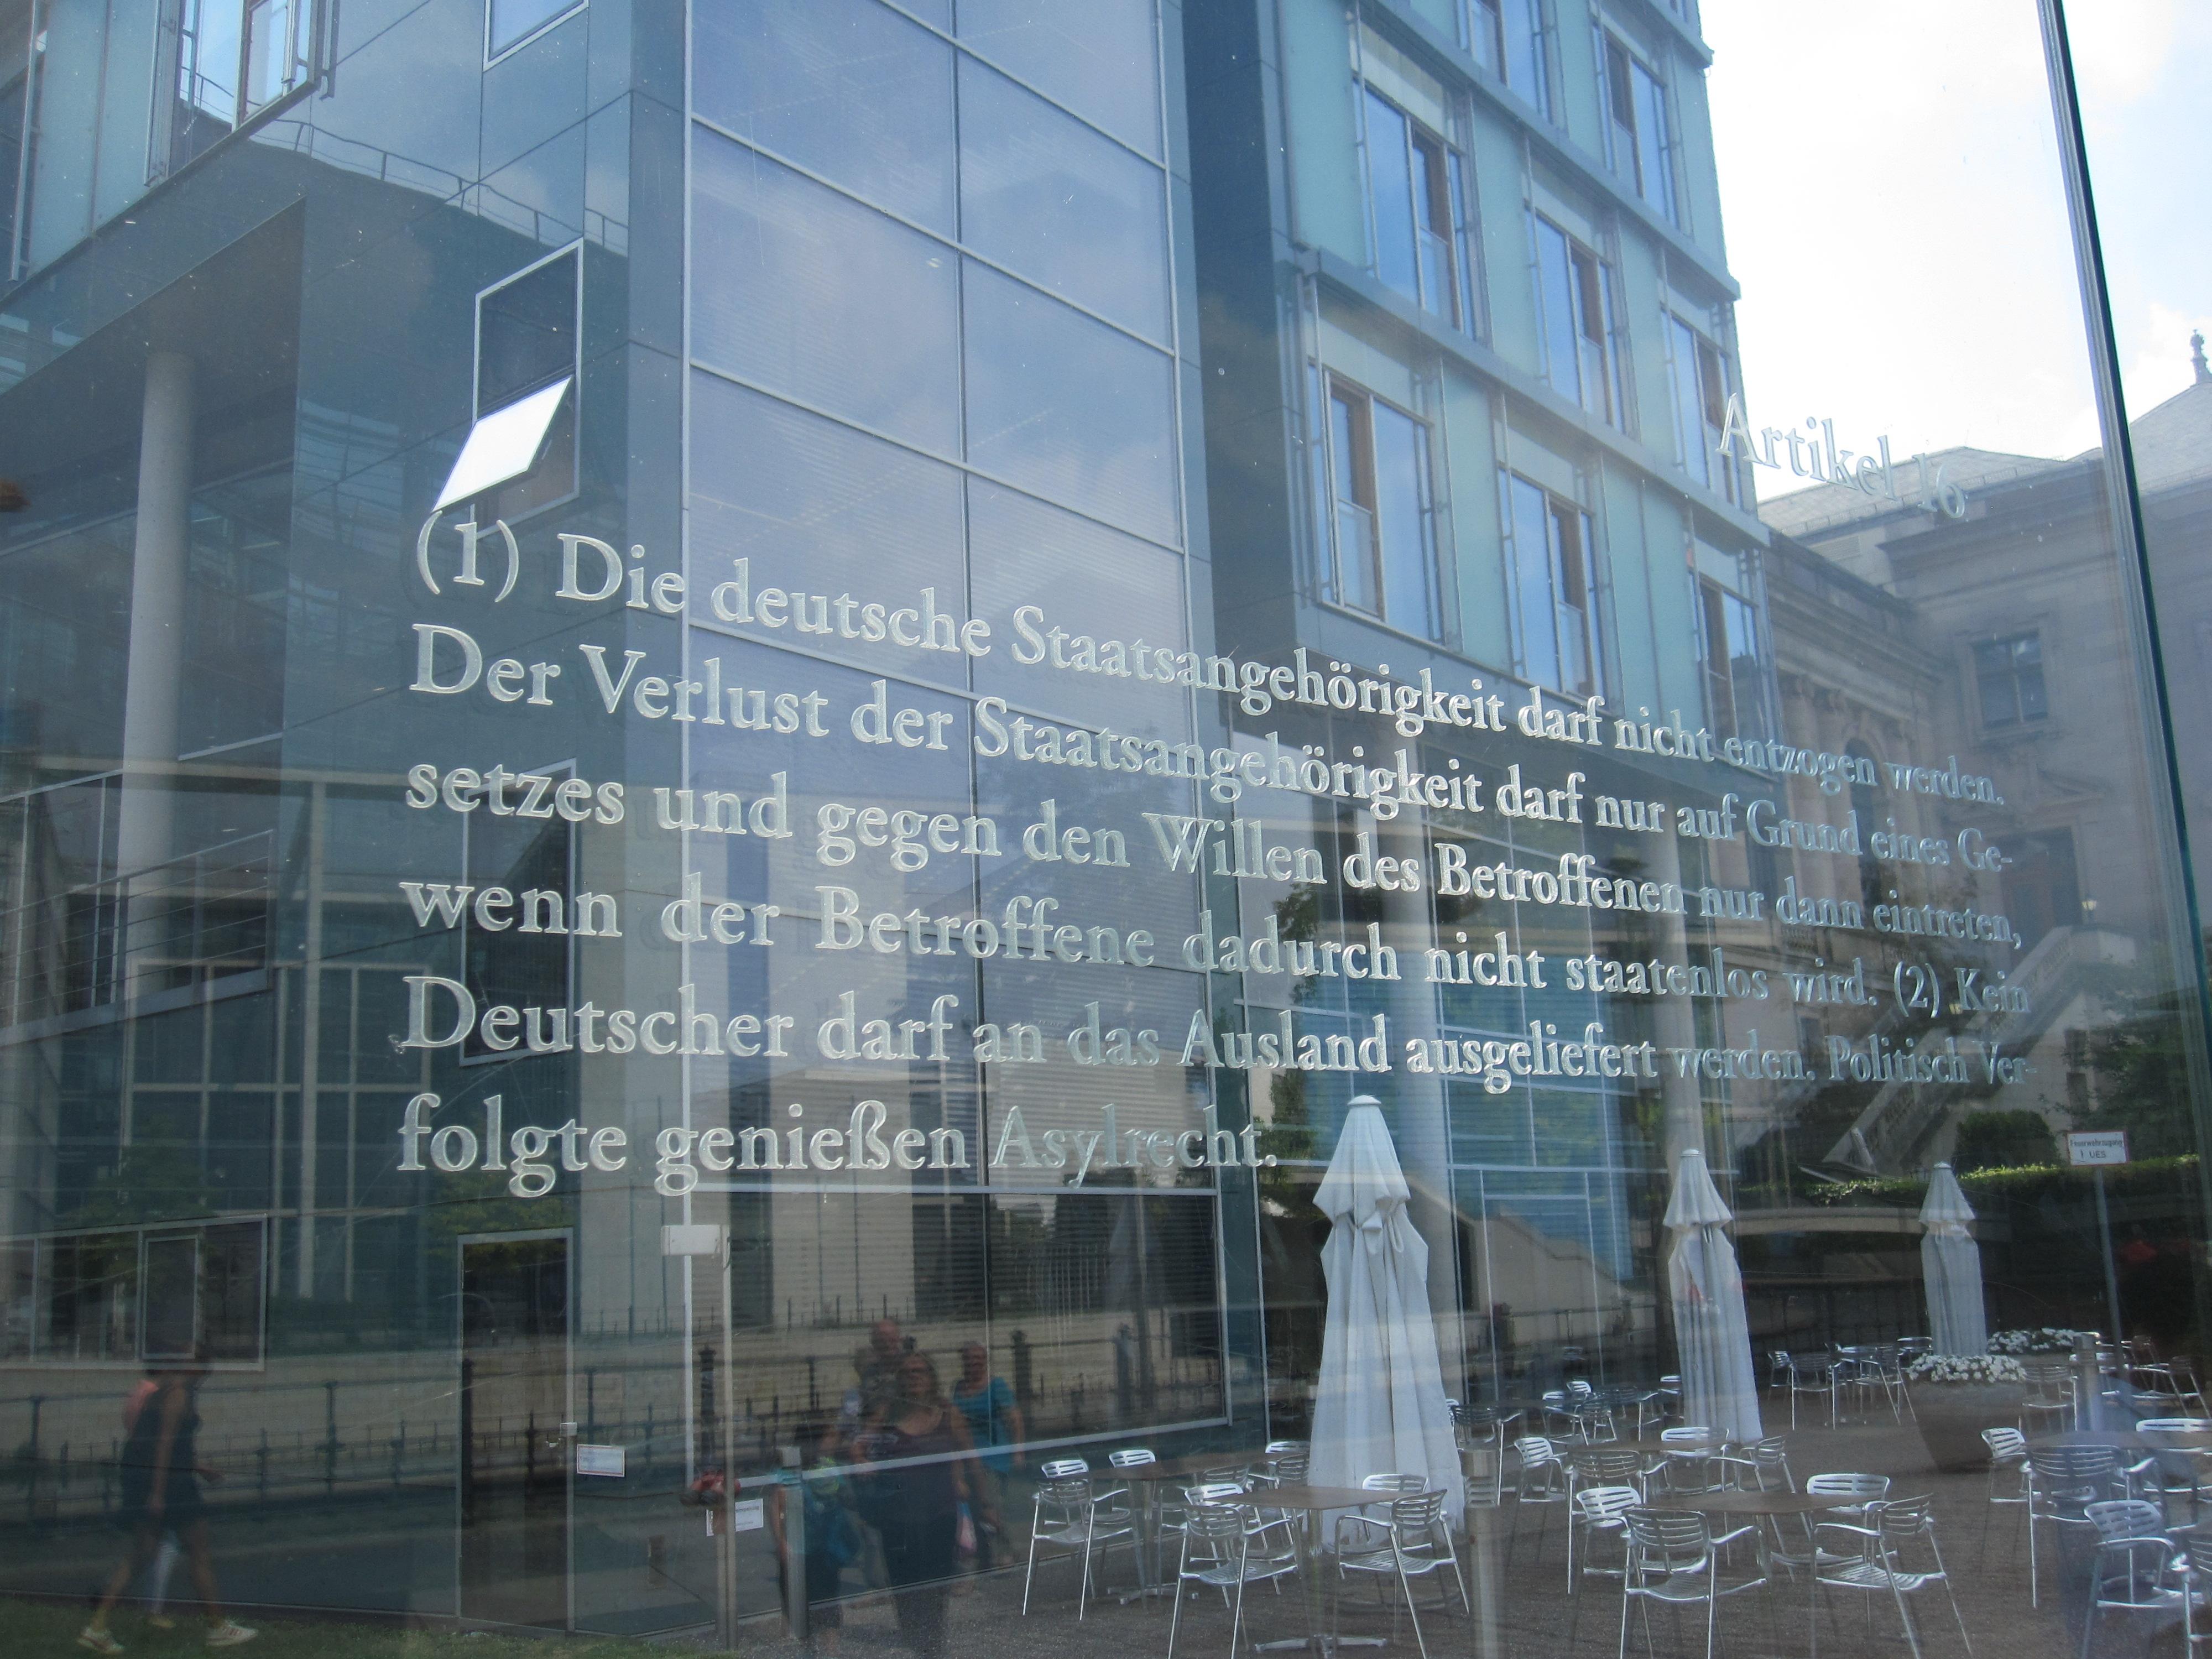 Artikel 16 des Grundgesetzes – eine Arbeit von Dani Karavan an den Glasscheiben zur Spreeseite beim Jakob-Kaiser-Haus des Bundestages in Berlin